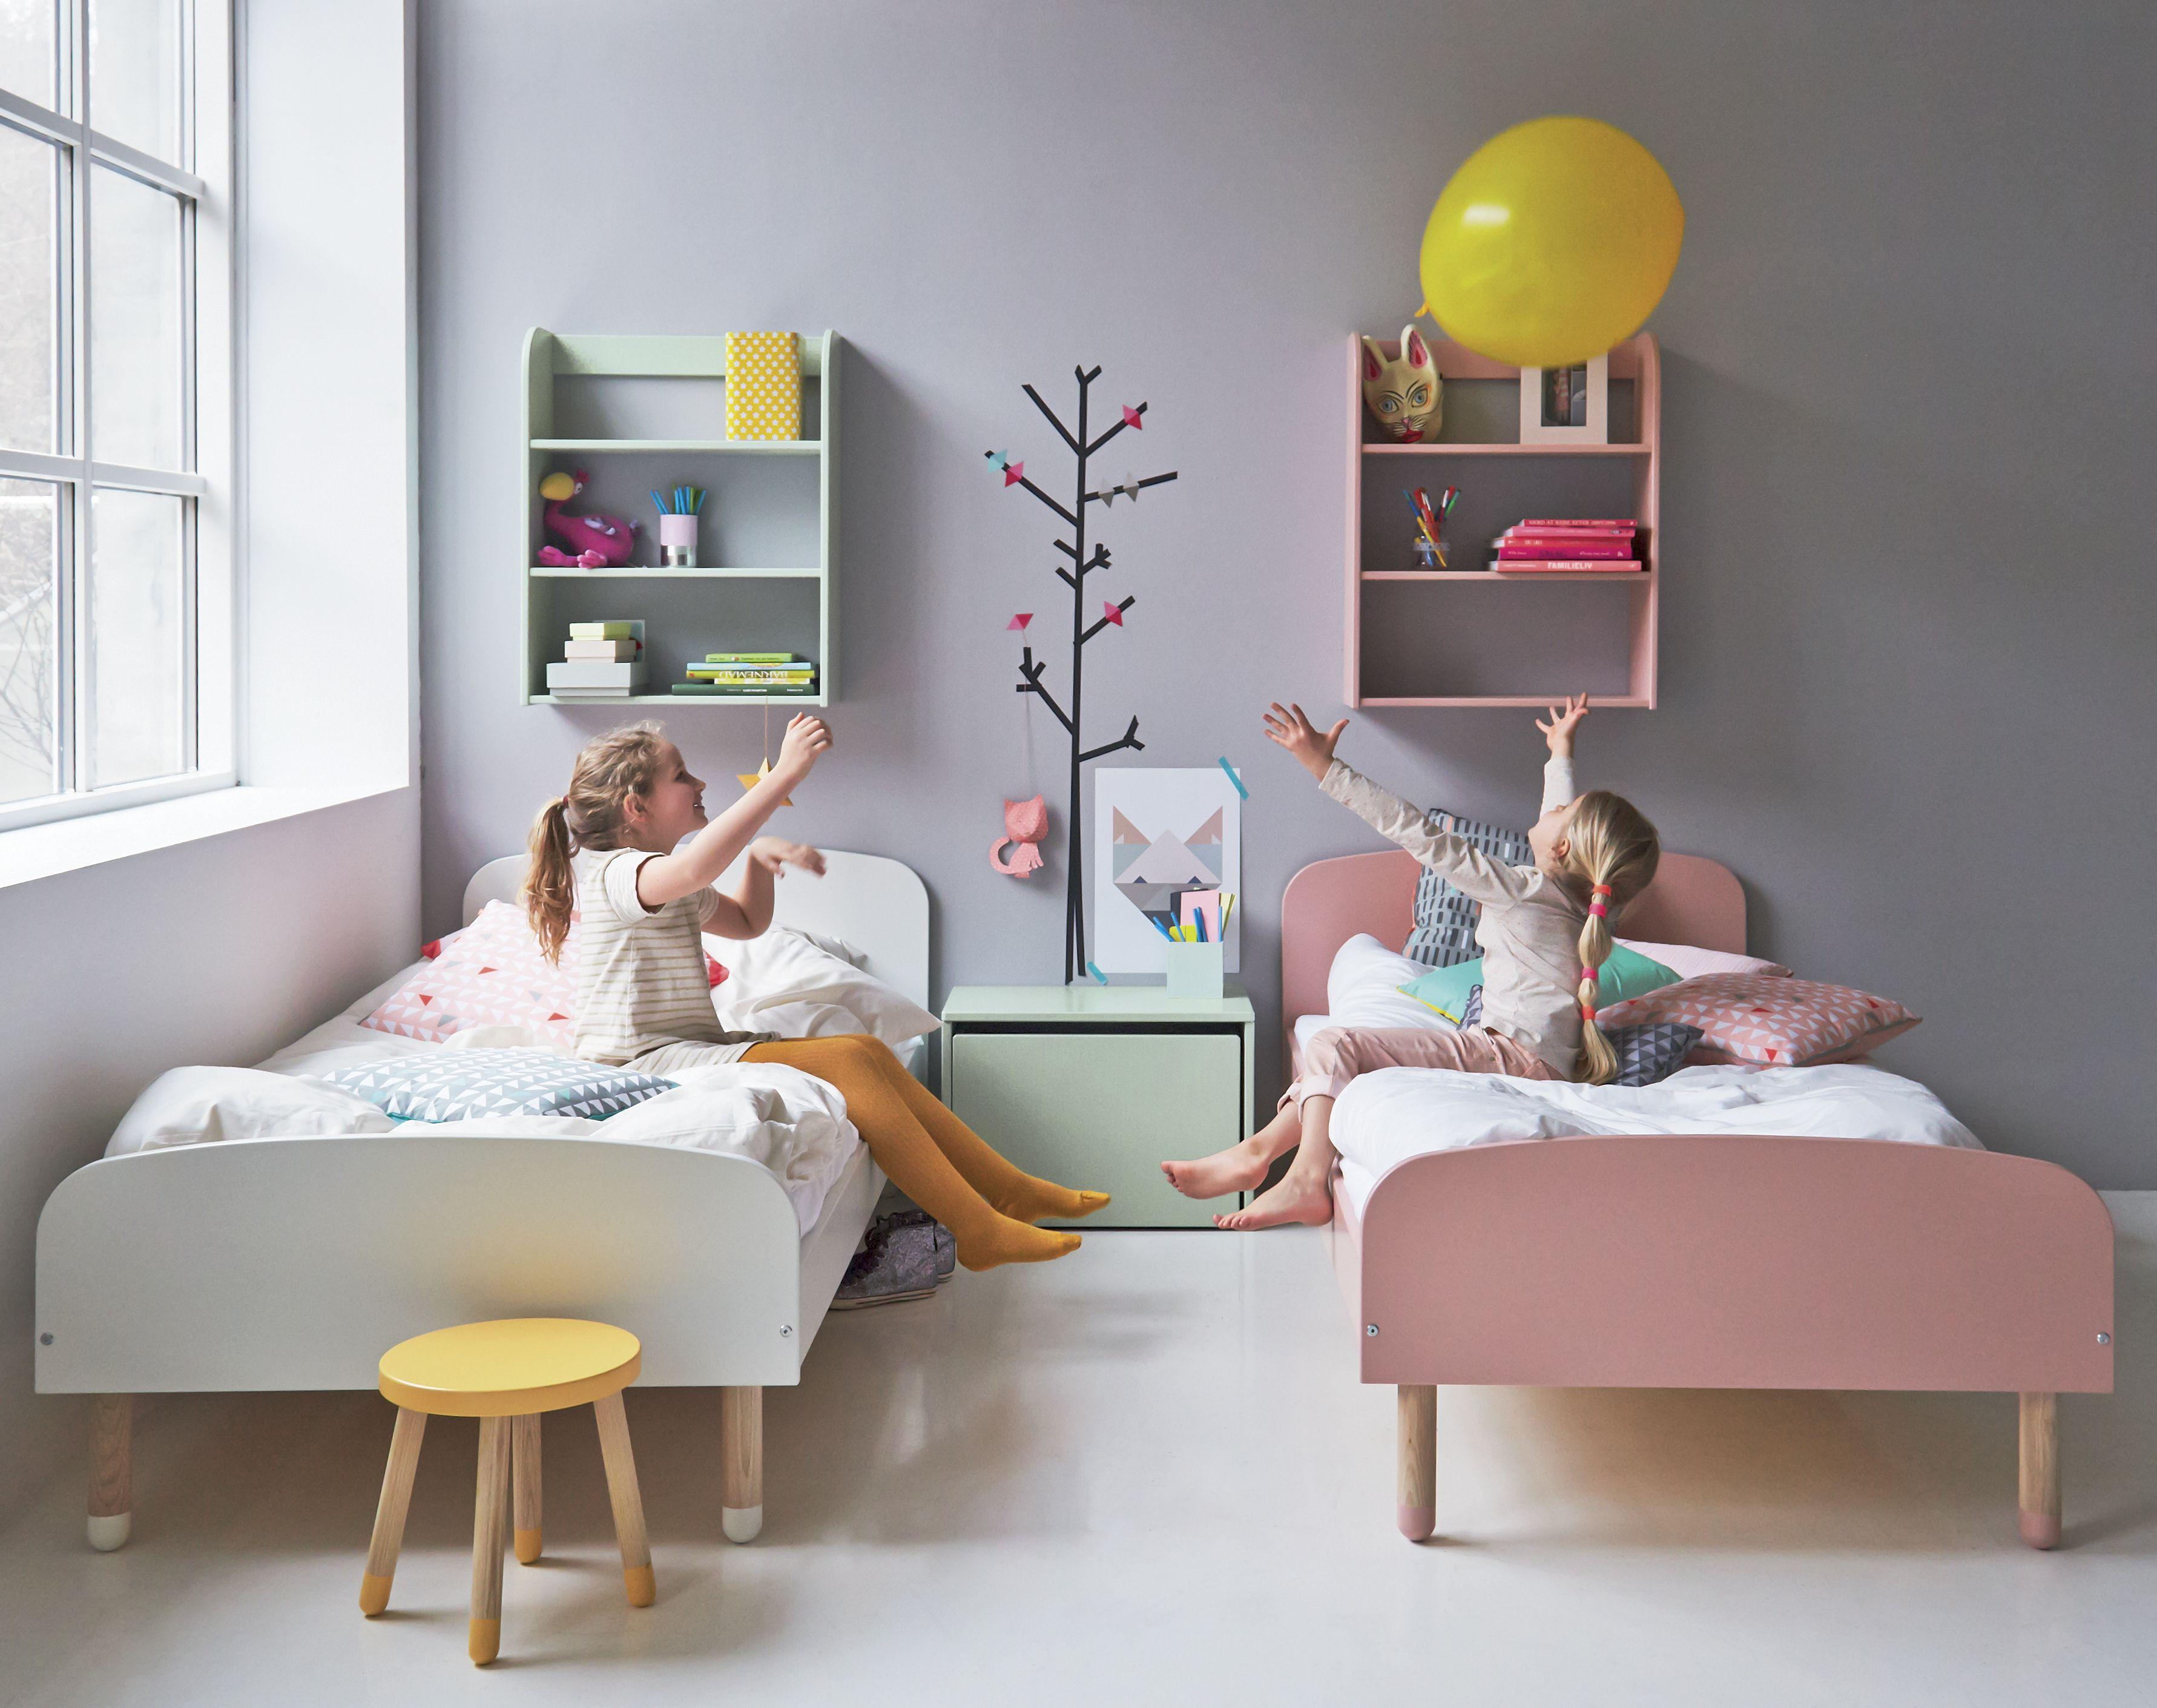 Flexa - Play Børneseng - Hvid - Flexa enkeltseng i hvid - 90x200